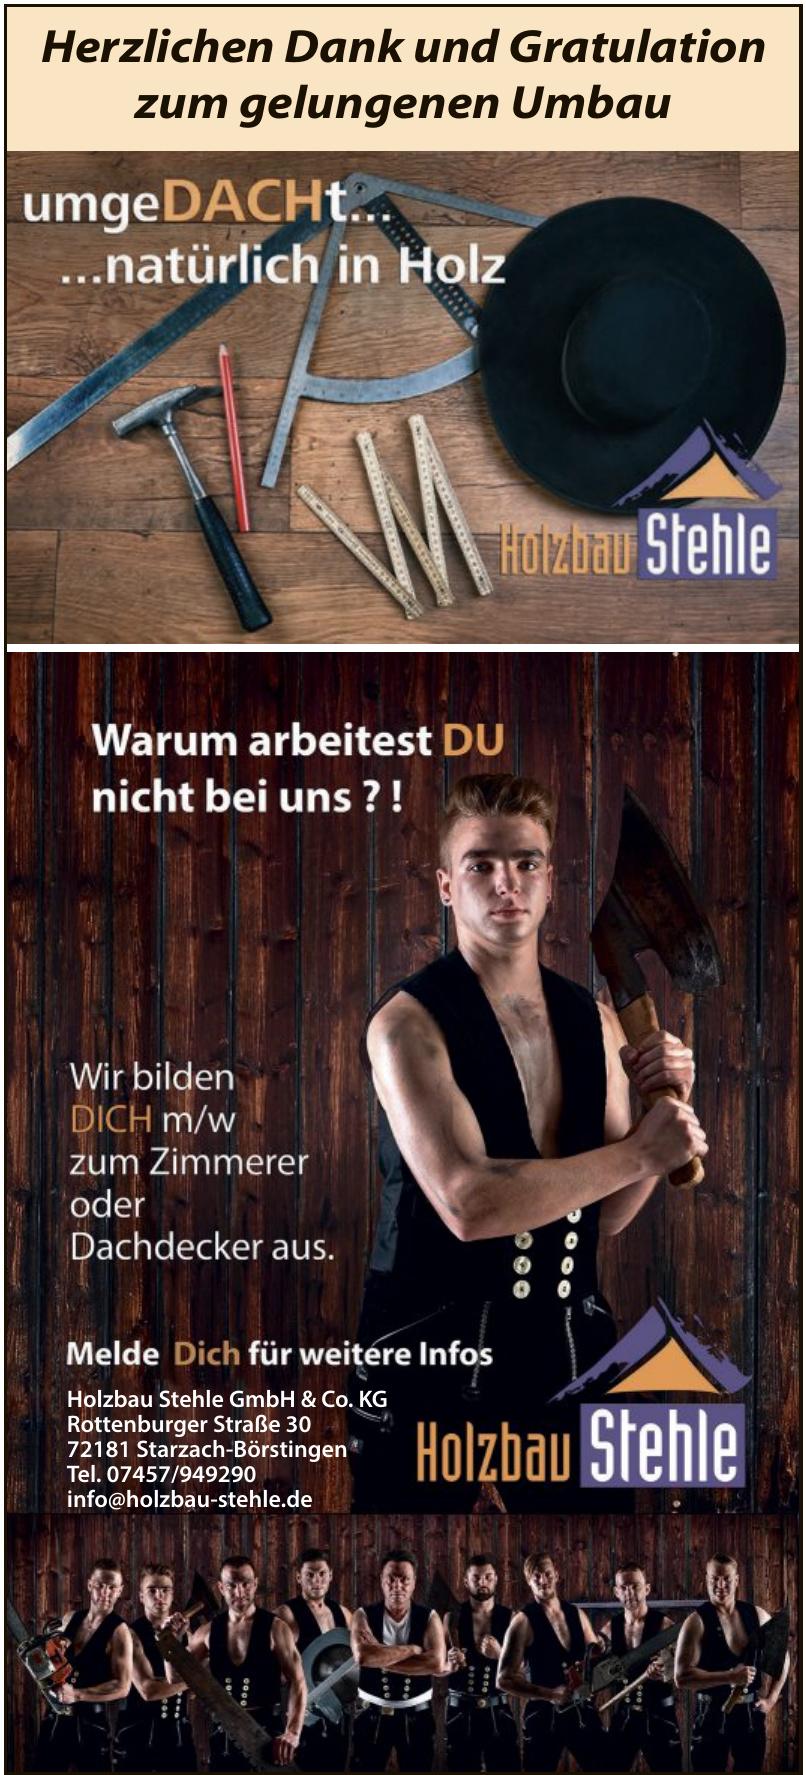 Holzbau Stehle GmbH & Co. KG